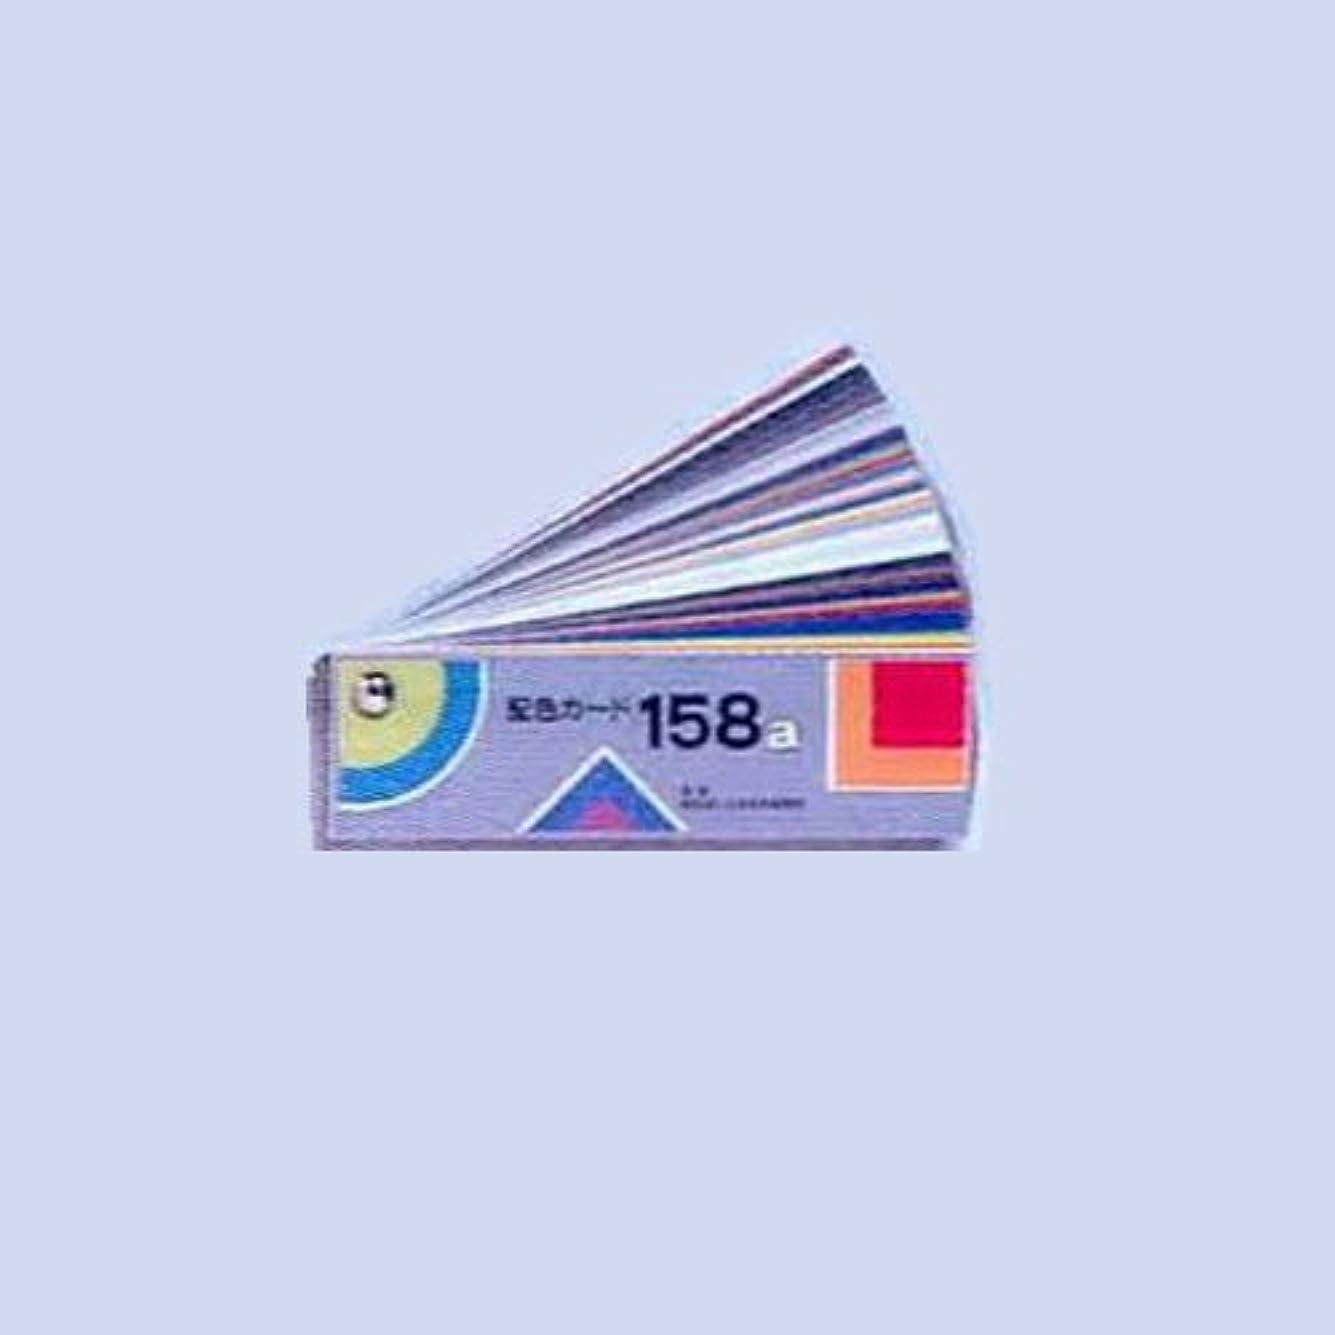 ケニア真面目な配管工配色カード 158a B04-1011